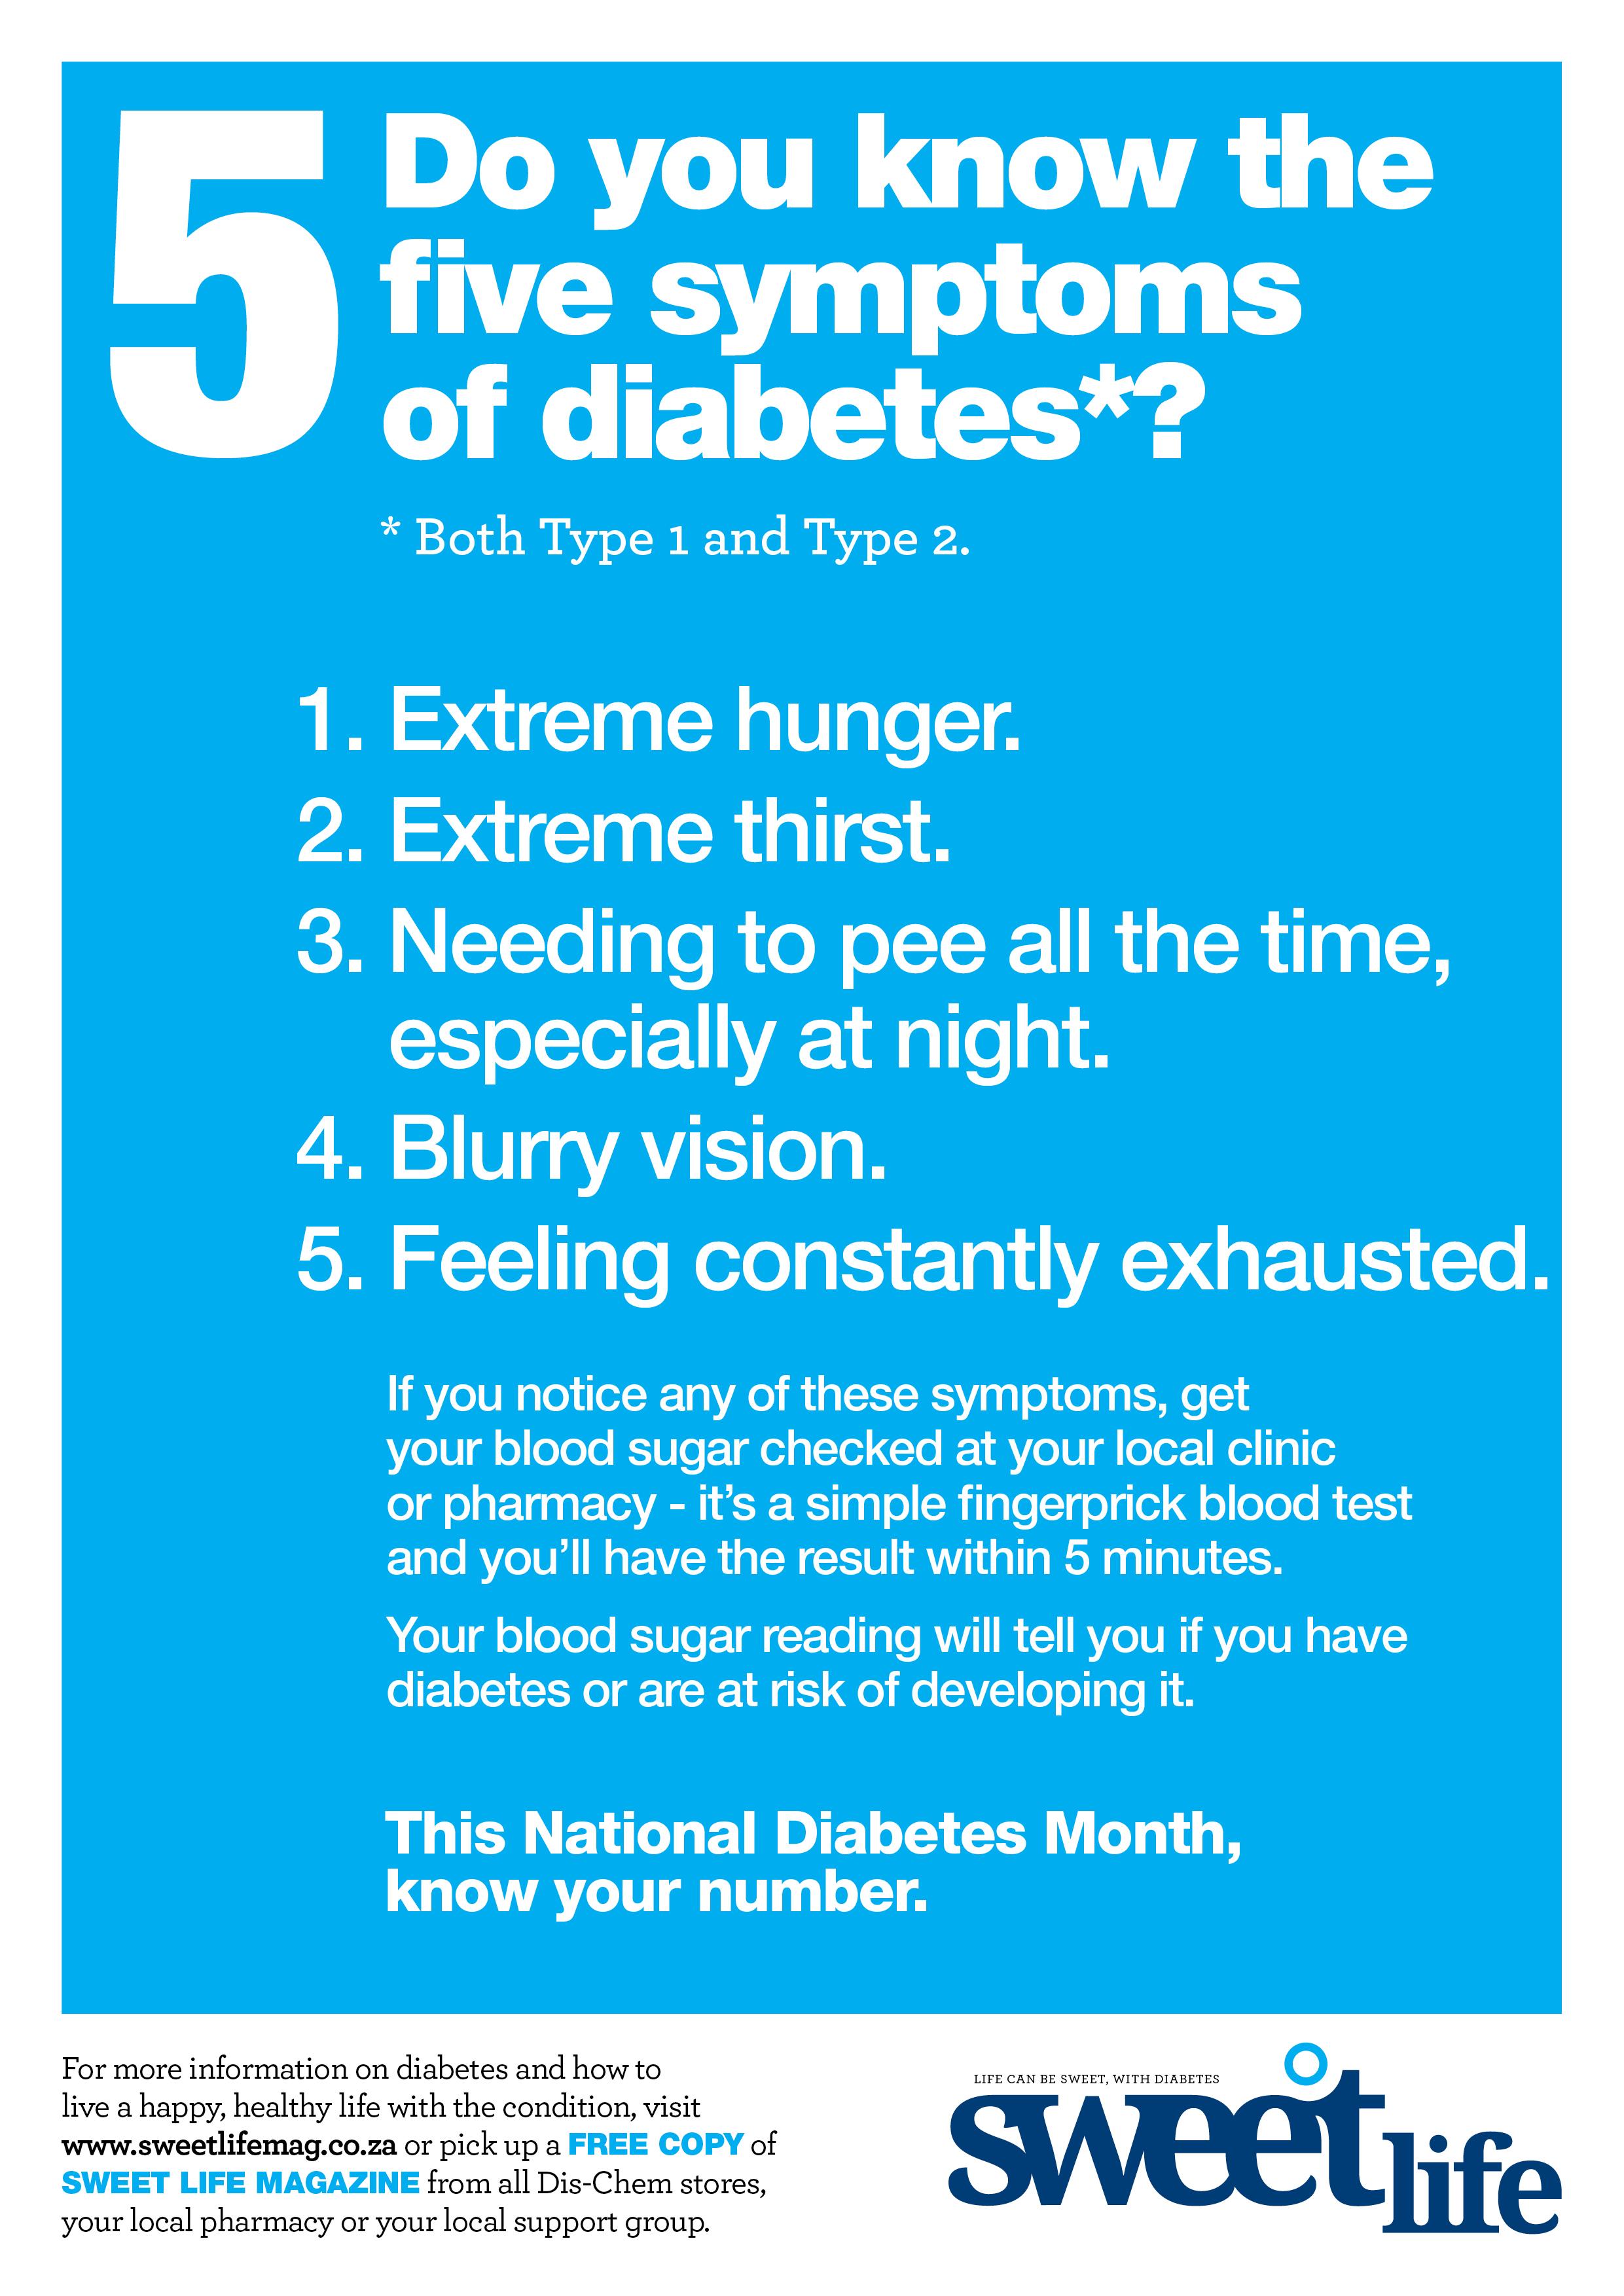 5 Symptoms of diabetes